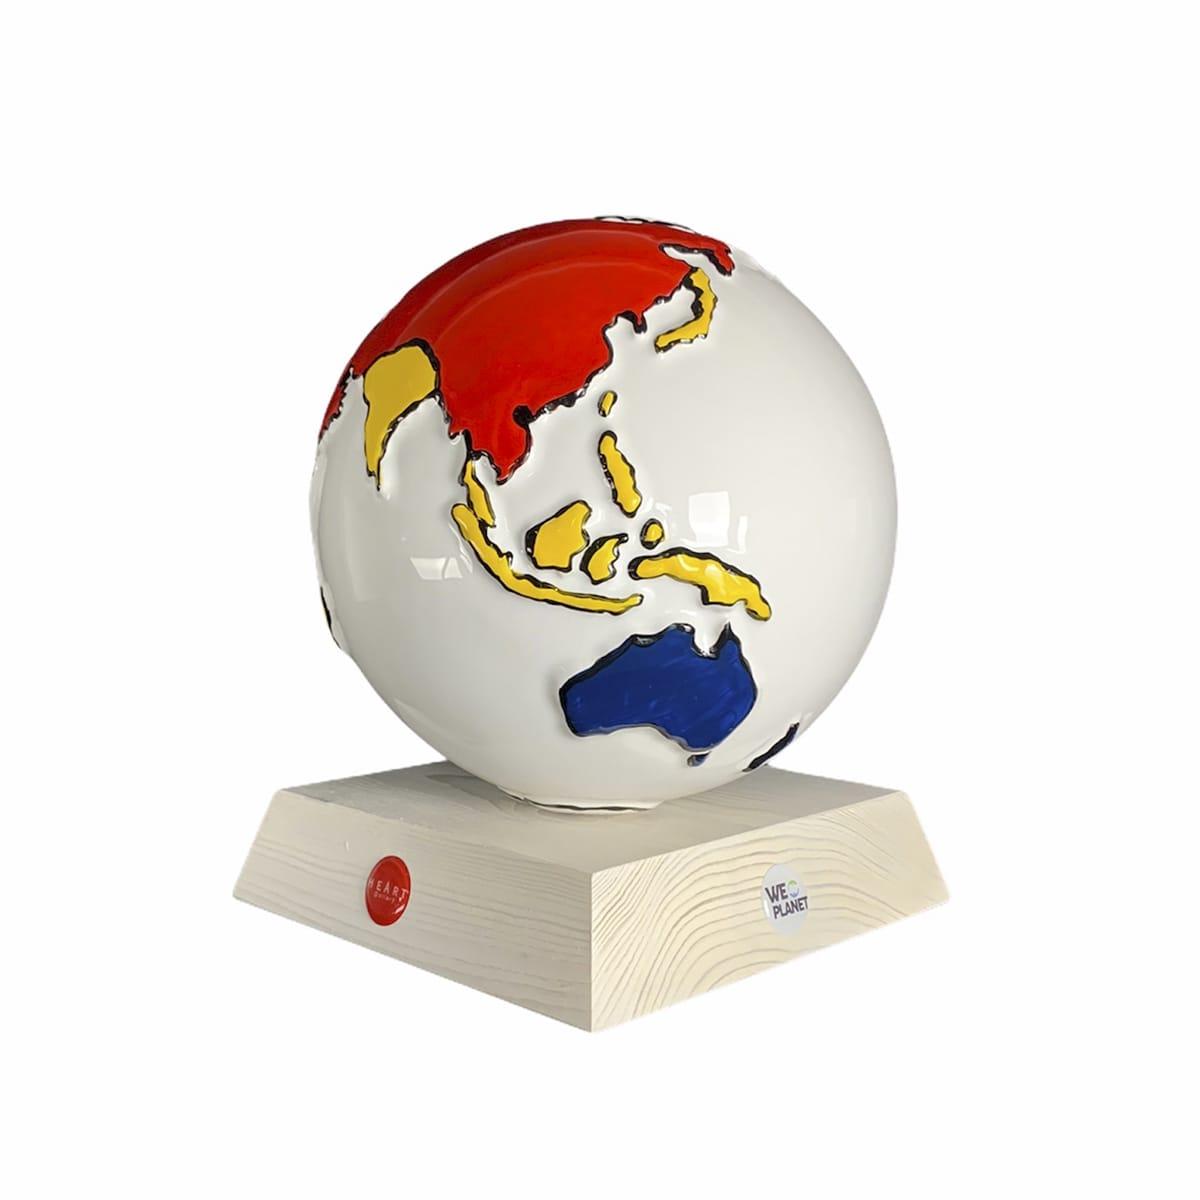 la terra realizzata in ceramica: tutta bianca e i continenti decorati in rosso, giallo, blue e nero secondo lo stile Mondrian